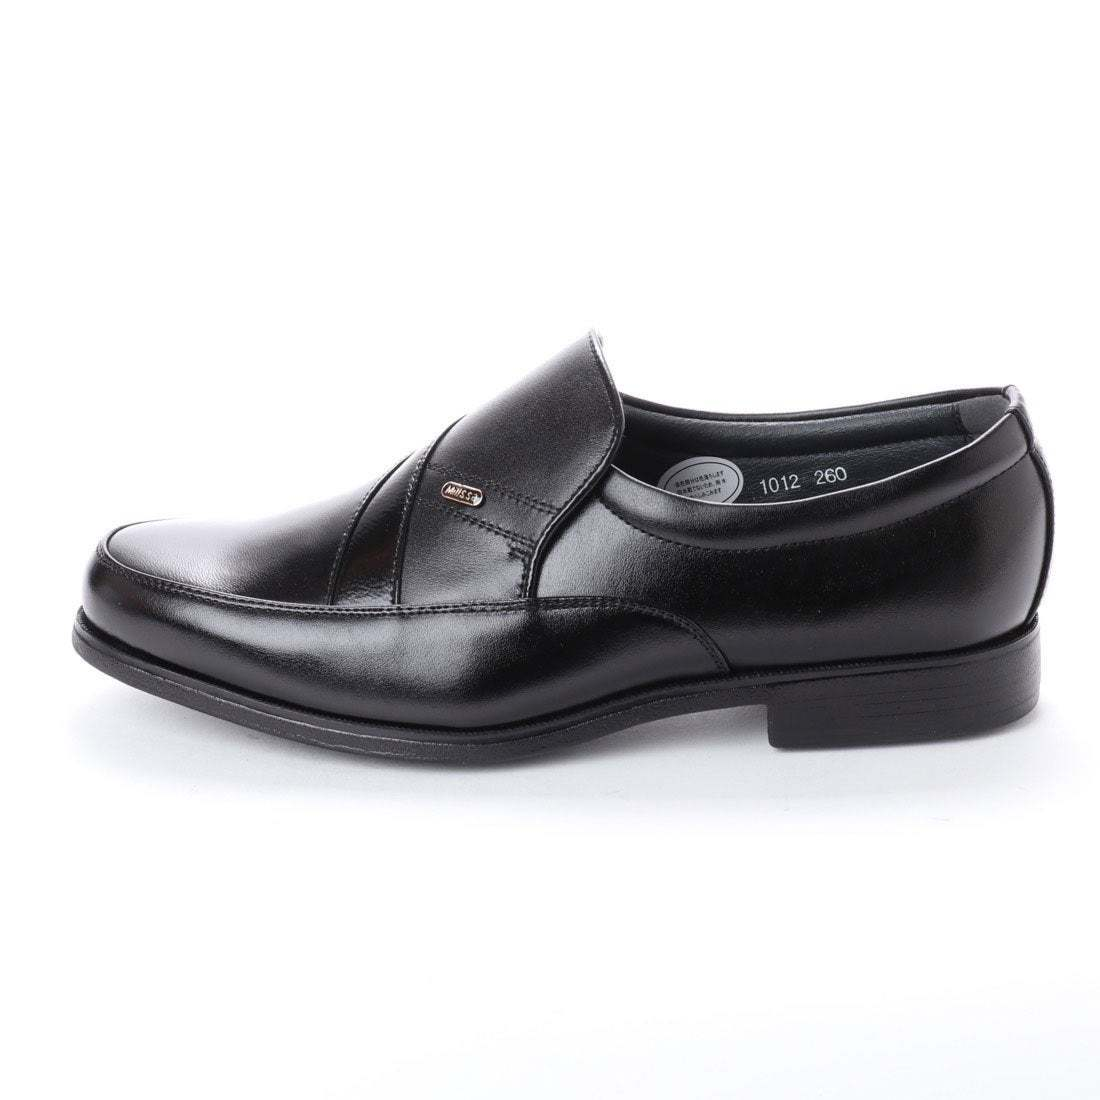 【安い】 超軽量 紳士靴 メンズ ビジネスシューズ スリッポン ウォーキングシューズ 幅広 4E 抗菌 防臭 1012 ブラック 黒 26.0cm